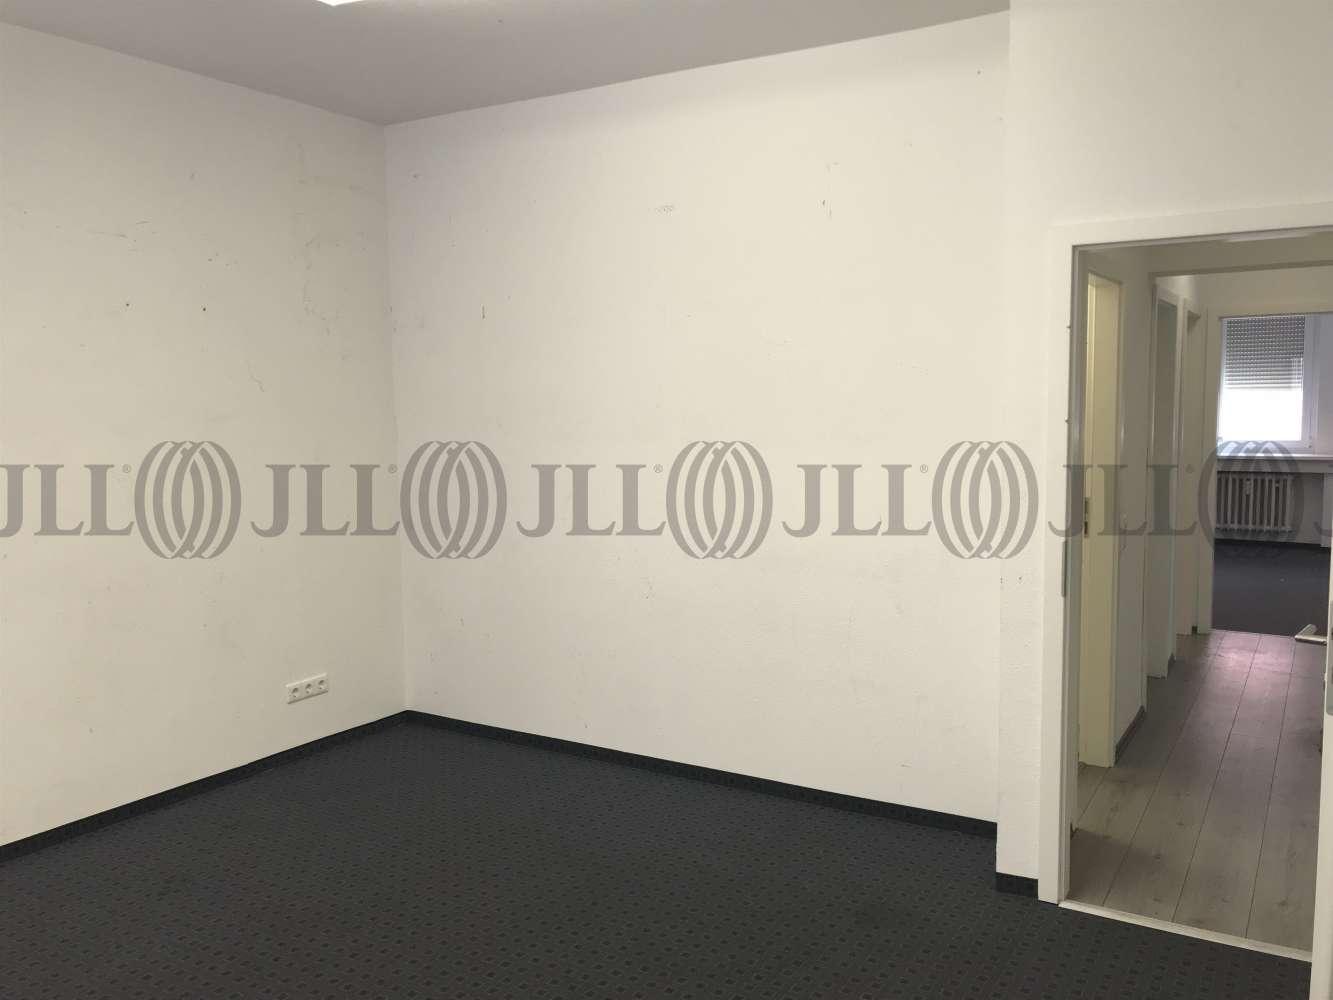 Büros Stuttgart, 70173 - Büro - Stuttgart - S0524 - 10498954